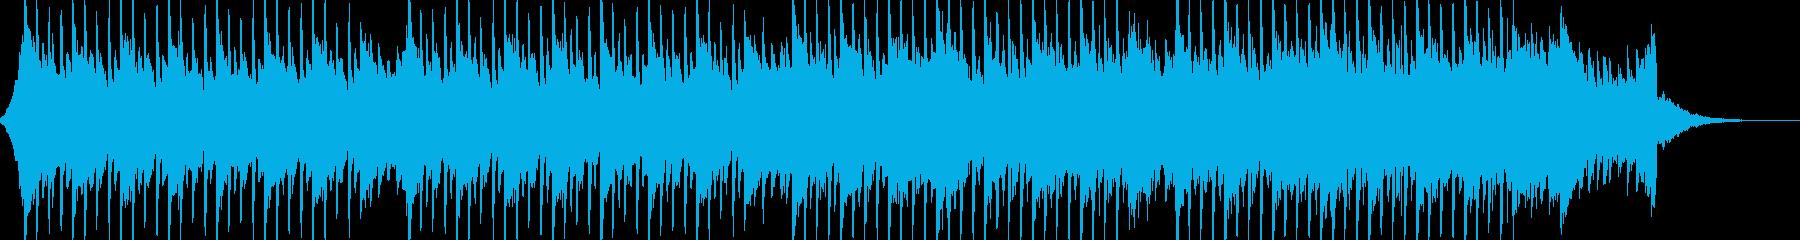 企業VP系44、爽やかギター4つ打ちbの再生済みの波形